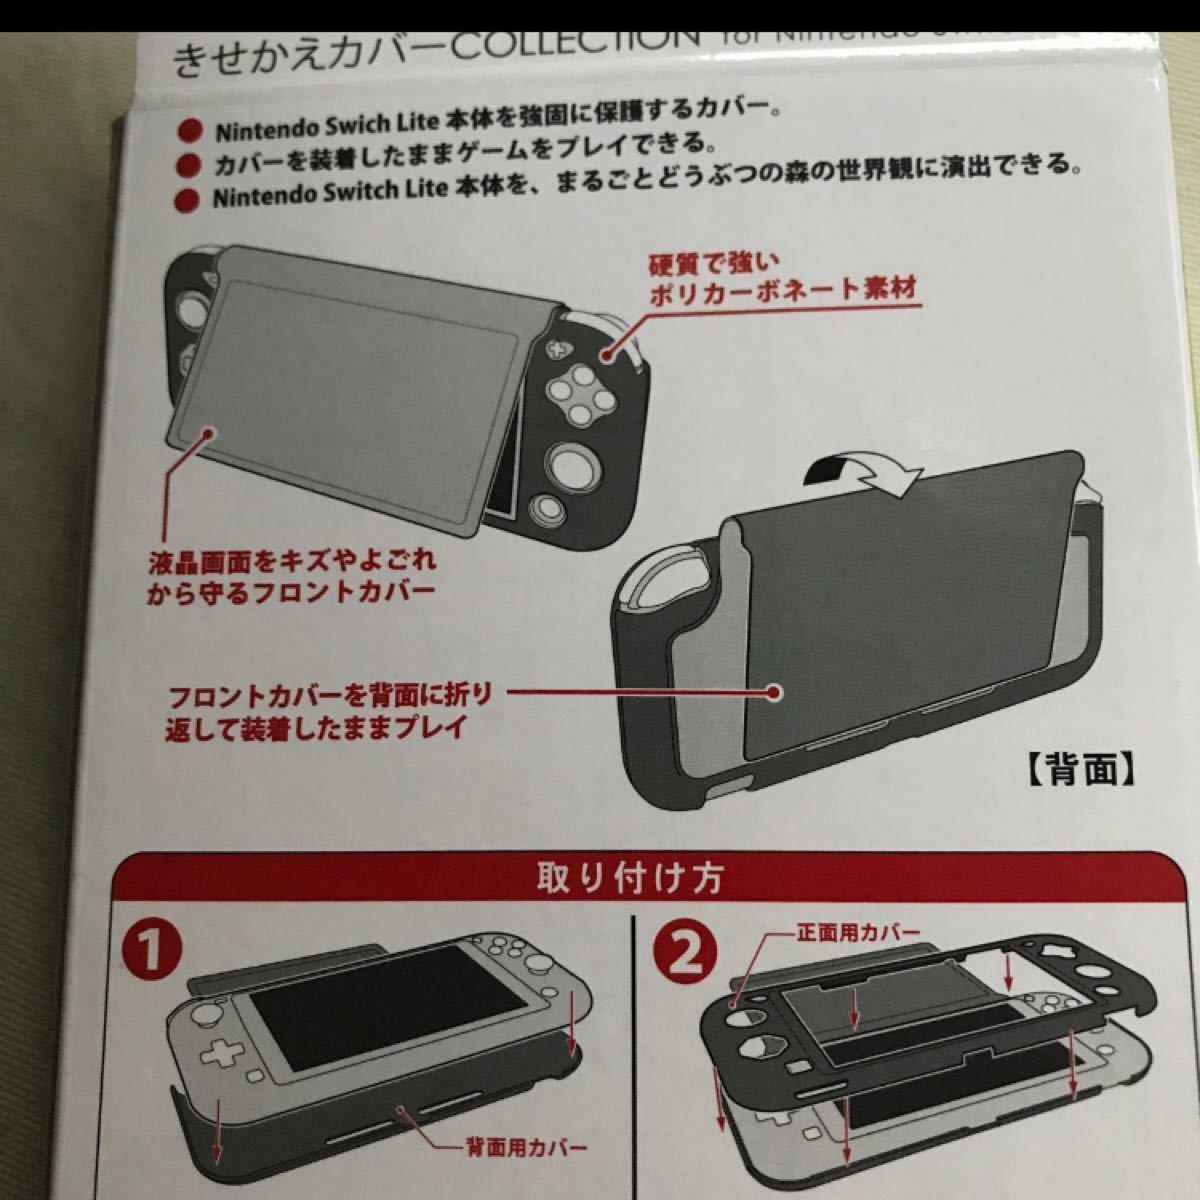 Nintendo Switch Lite専用アクセサリーシリーズ